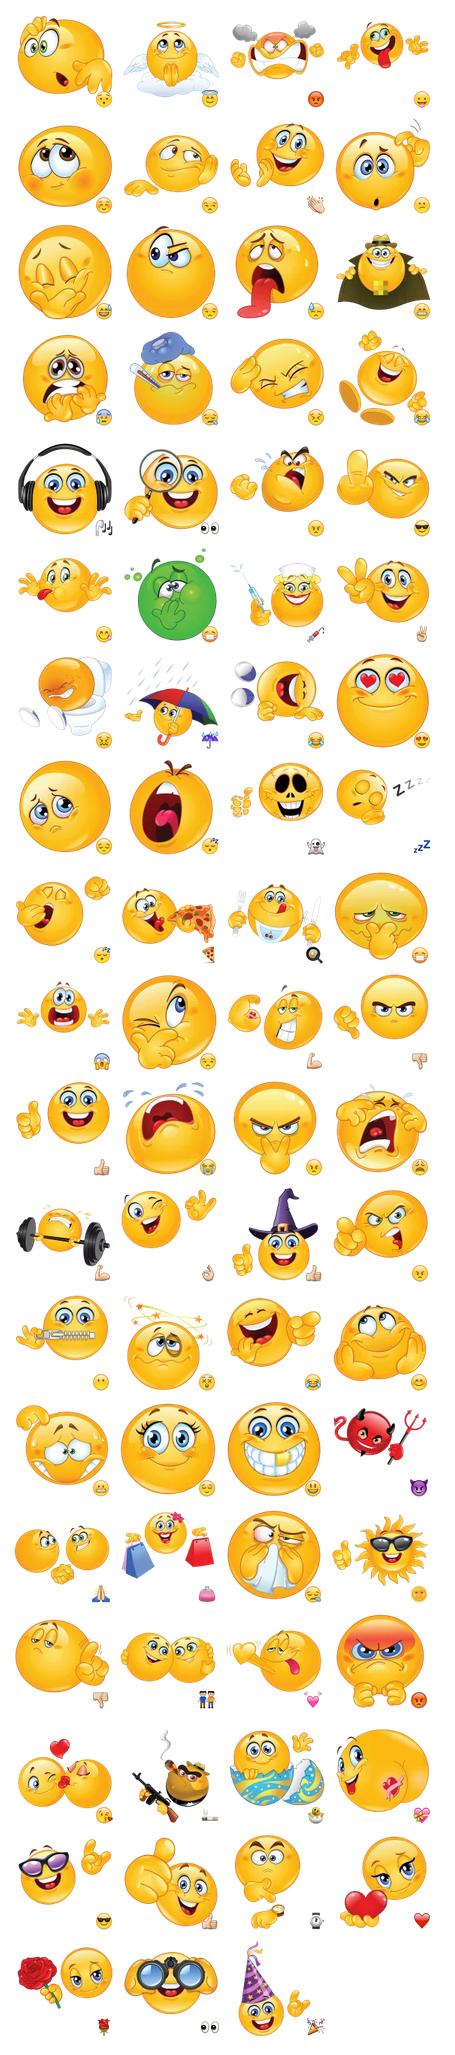 Telegram Smileys